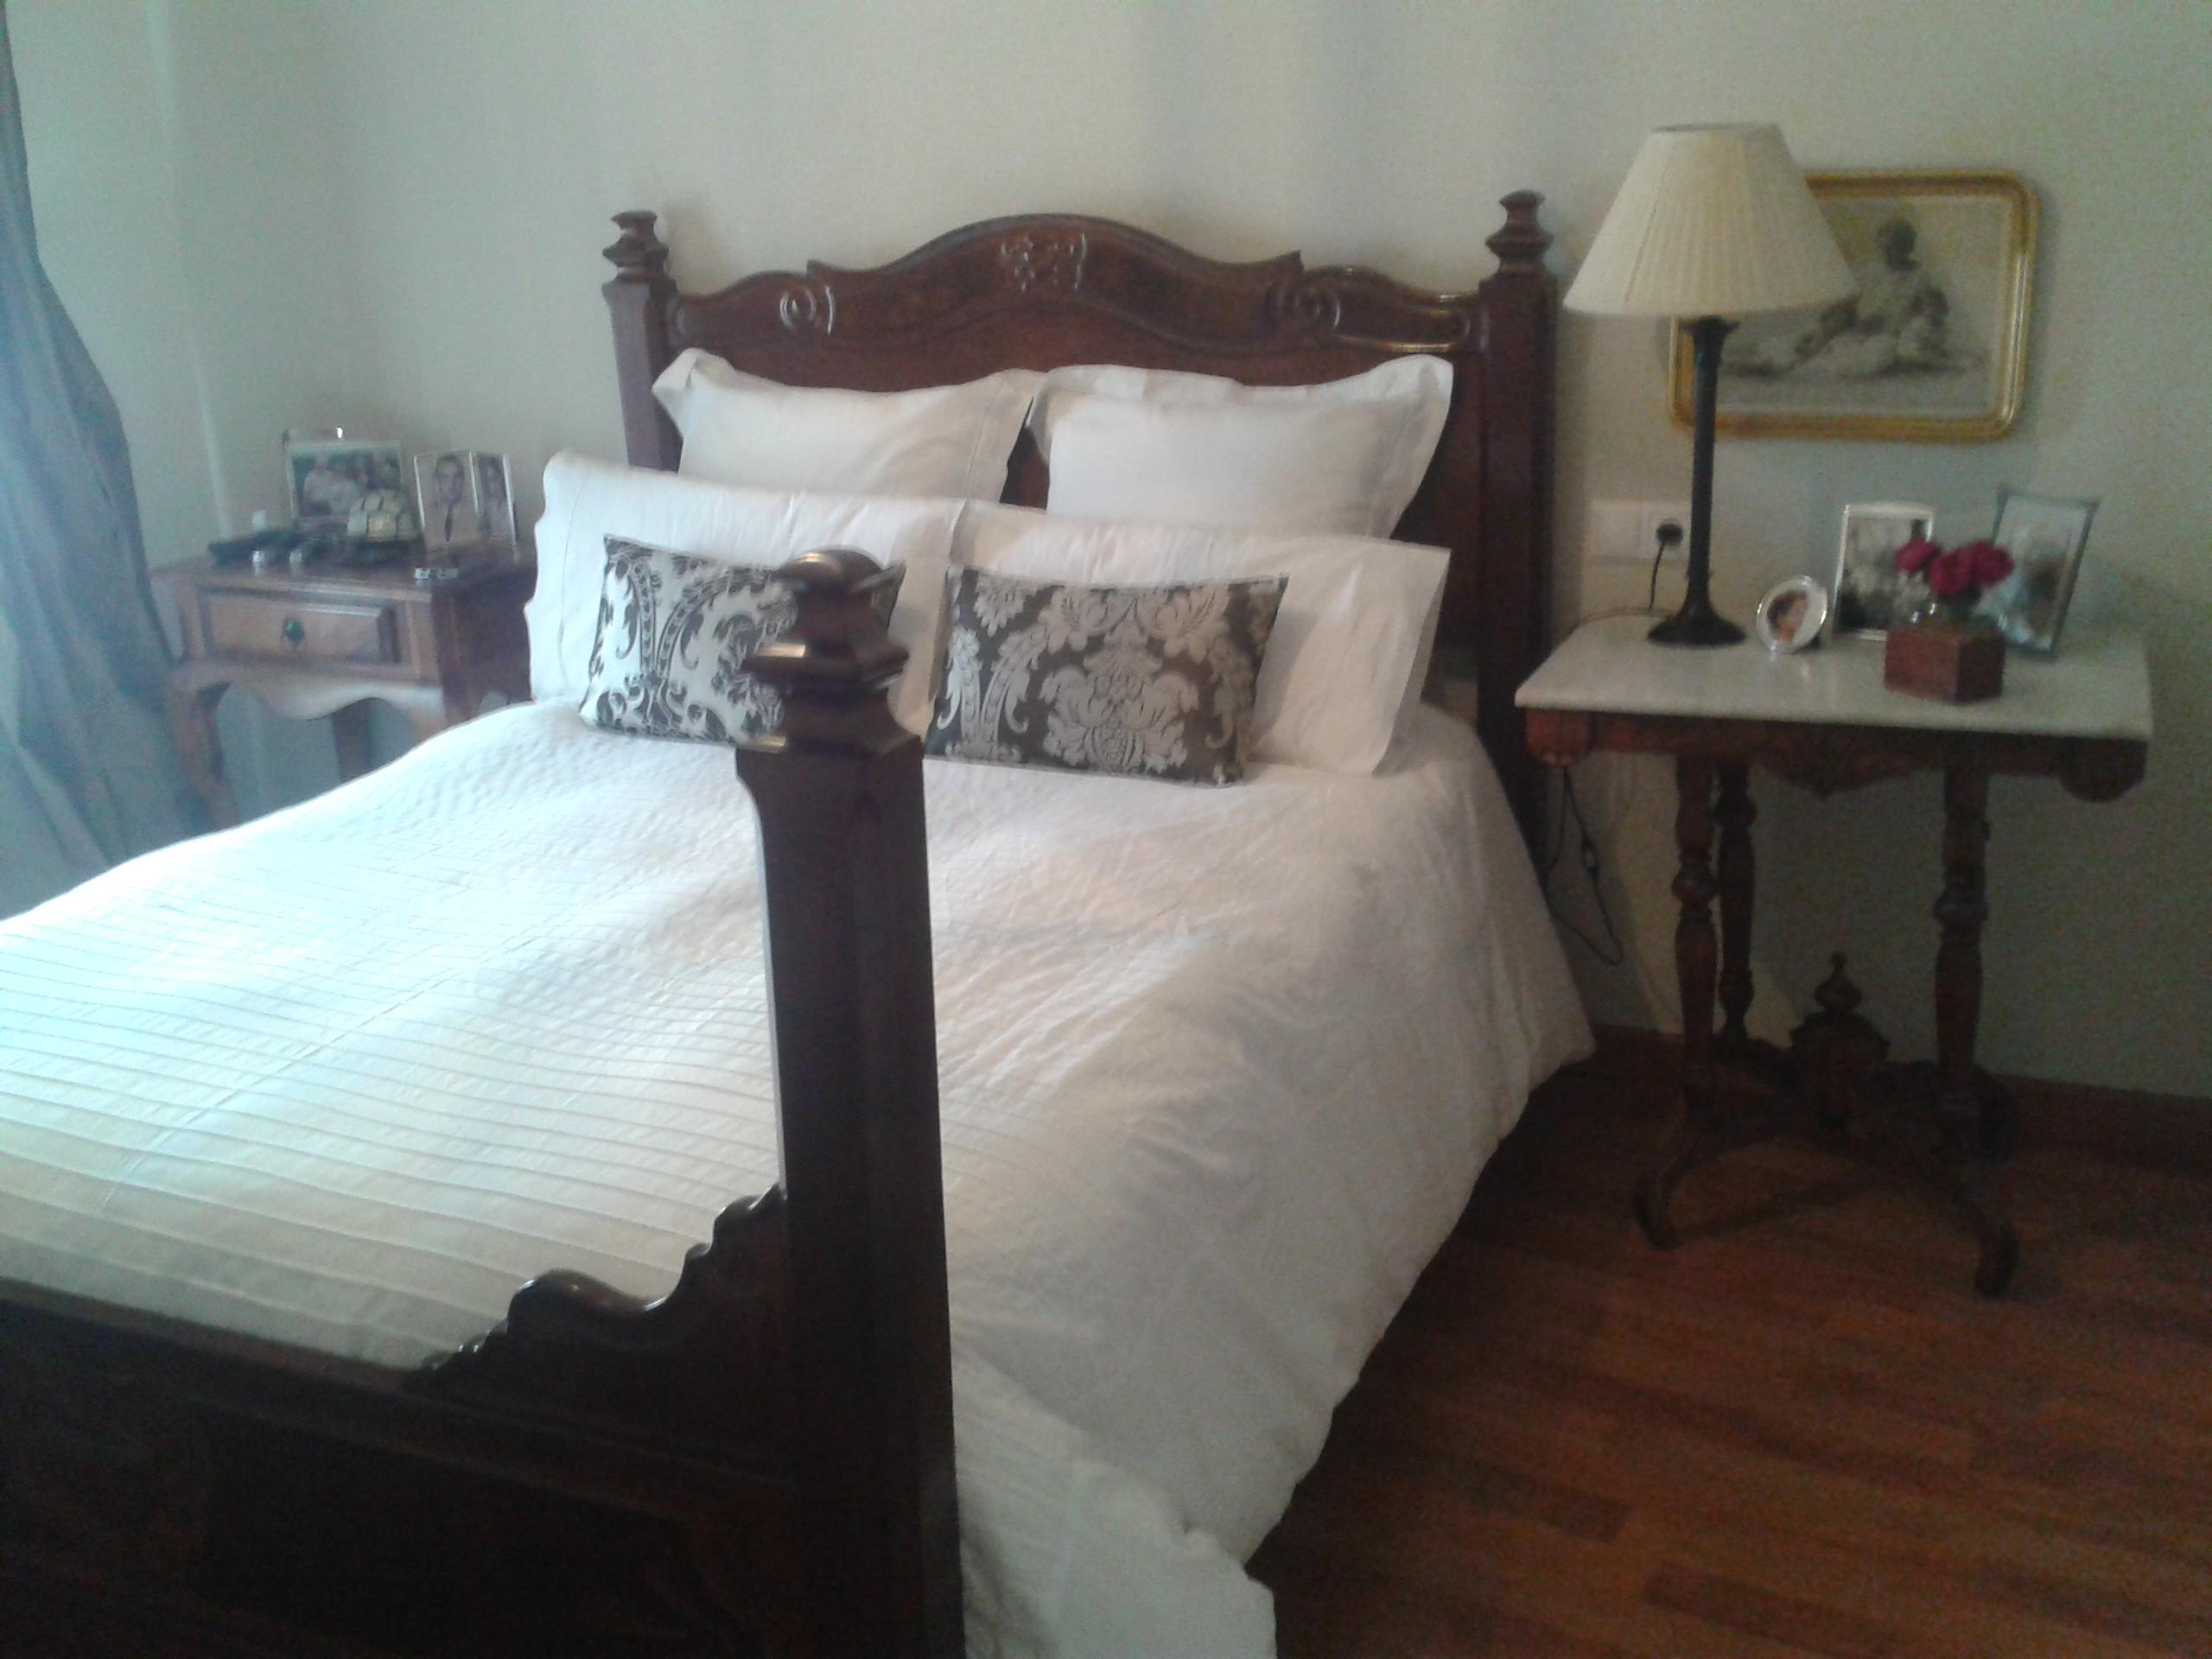 Image Spacious apartment in Montoro (Cordoba) 2